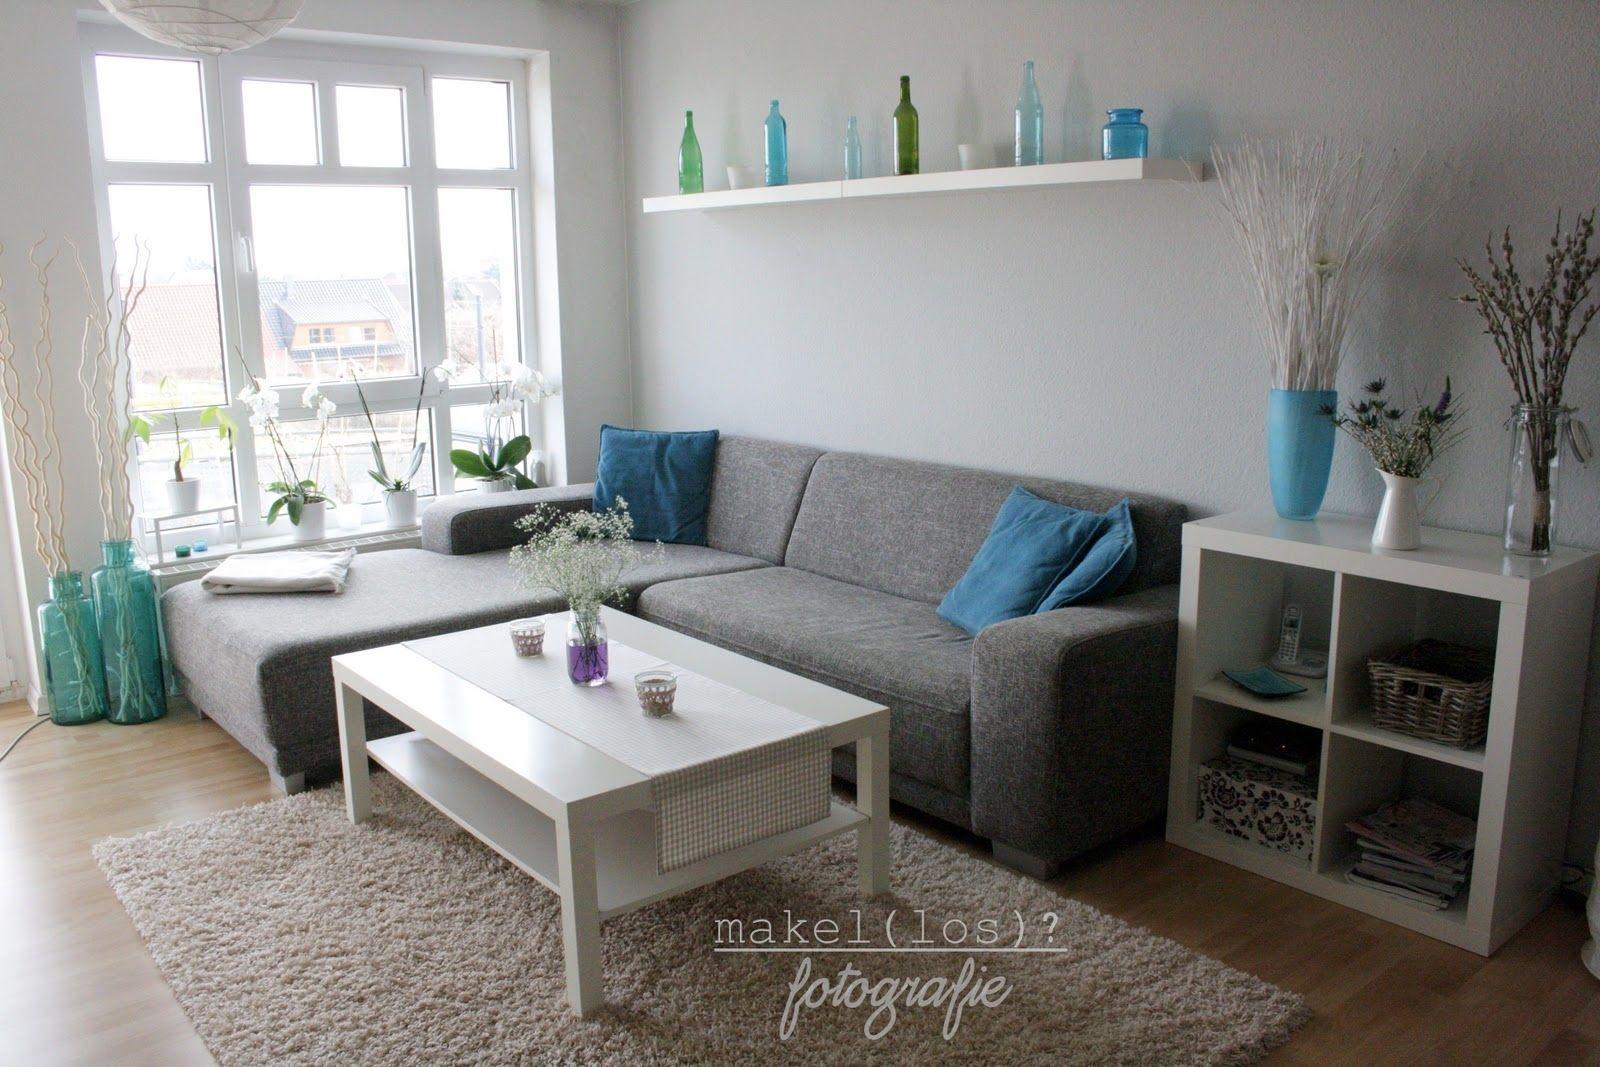 35 Wohneinrichtung Ideen Wohnzimmer Decoration In 2018 Pinterest